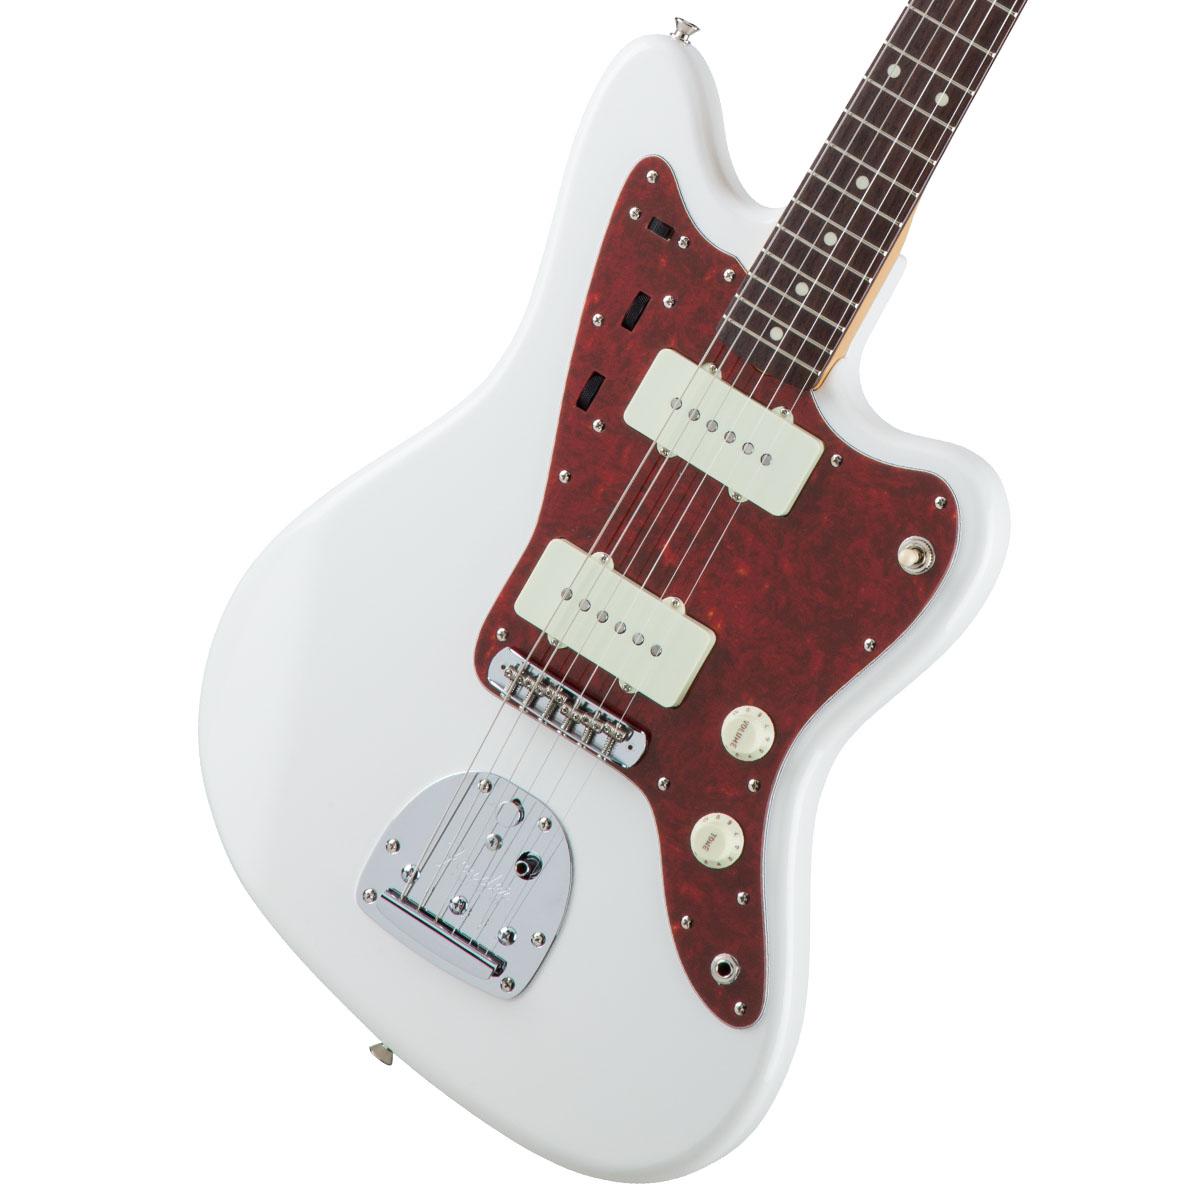 【タイムセール:7月2日12時まで】Fender / Made in Japan Traditional 60s Jazzmaster Rosewood Fingerboard Arctic White 《カスタムショップのお手入れ用品を進呈/+671038200》